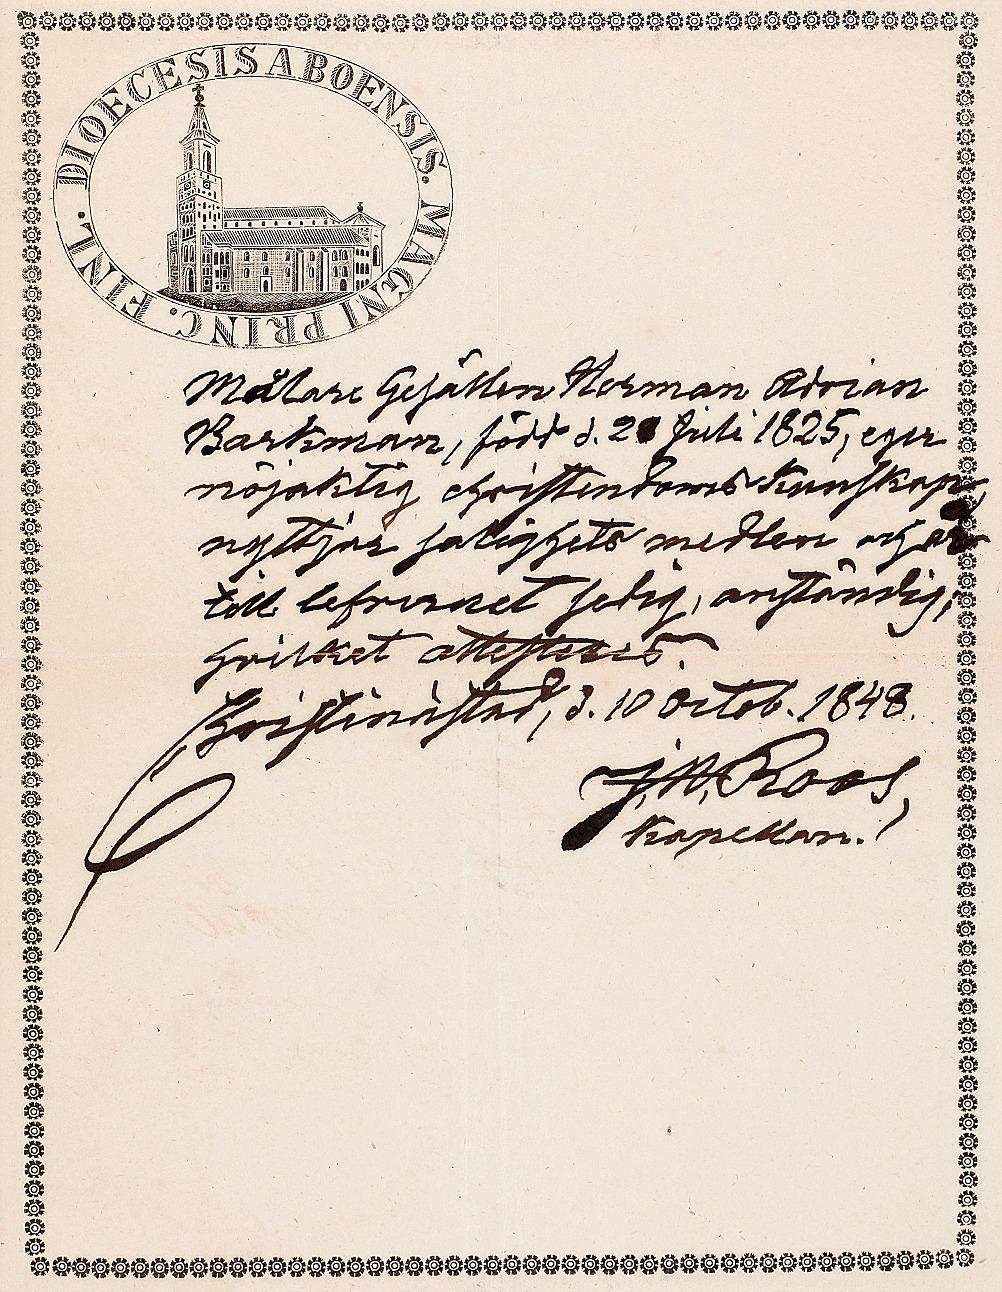 Kaplanen Roos rekommenderar målargesällen Herman Adrian Barkman, i Christinestad 1848. Brevet finns i Finska konstföreningens arkiv.